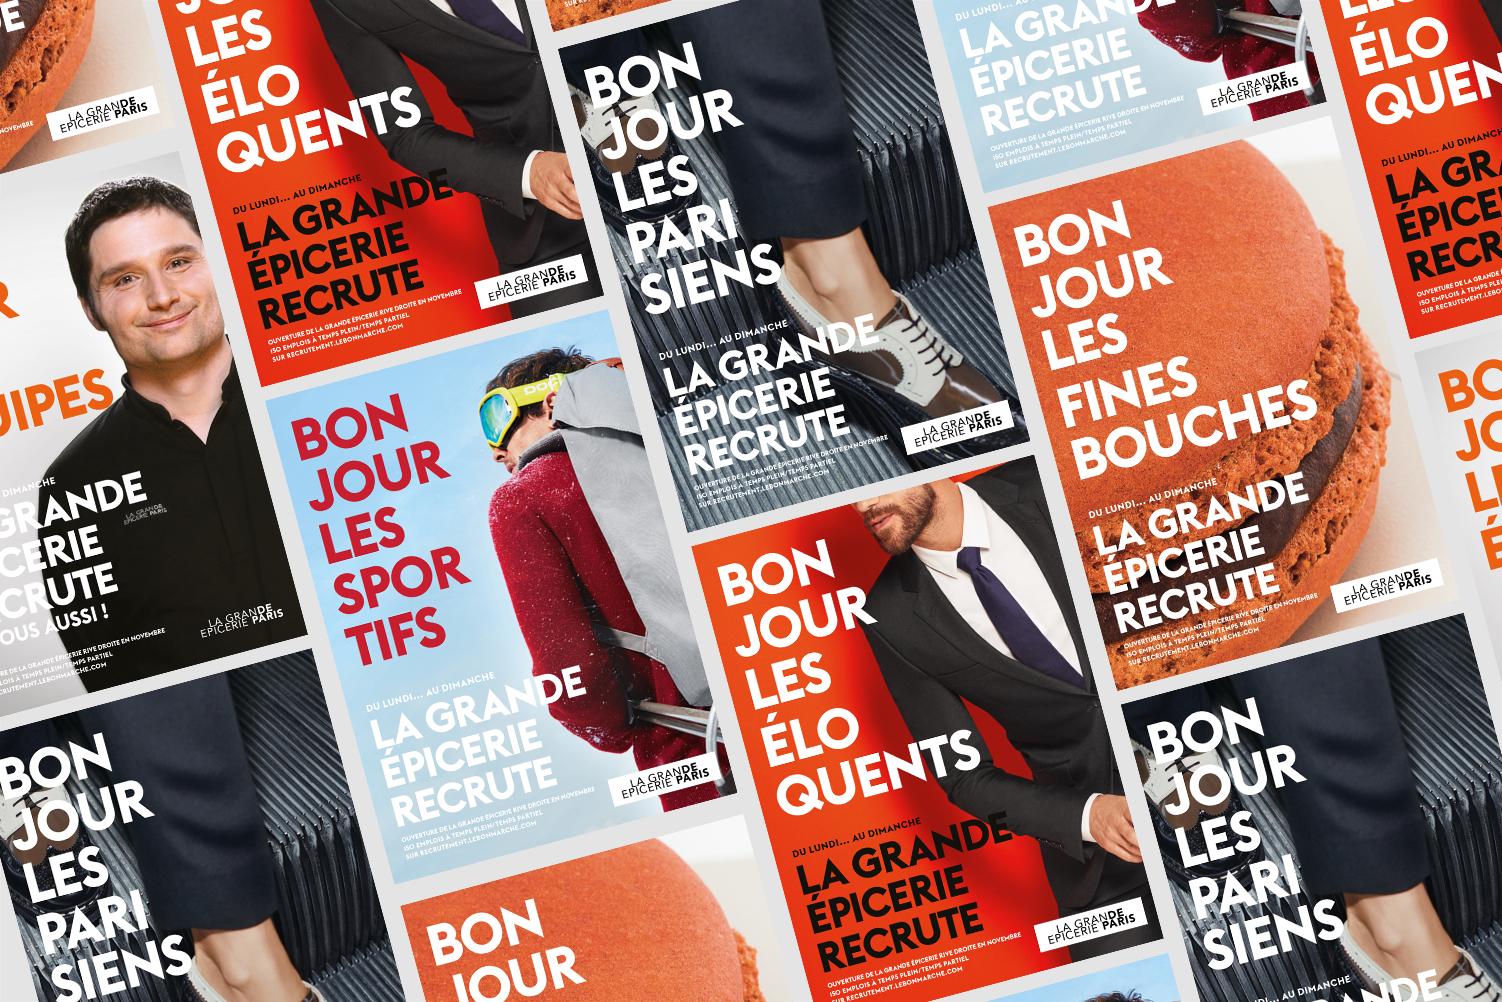 BONMARCHE_CAMPAGNE_RECRUTEMENT_pierre_bouttier_affiches_bonjour_compil.png